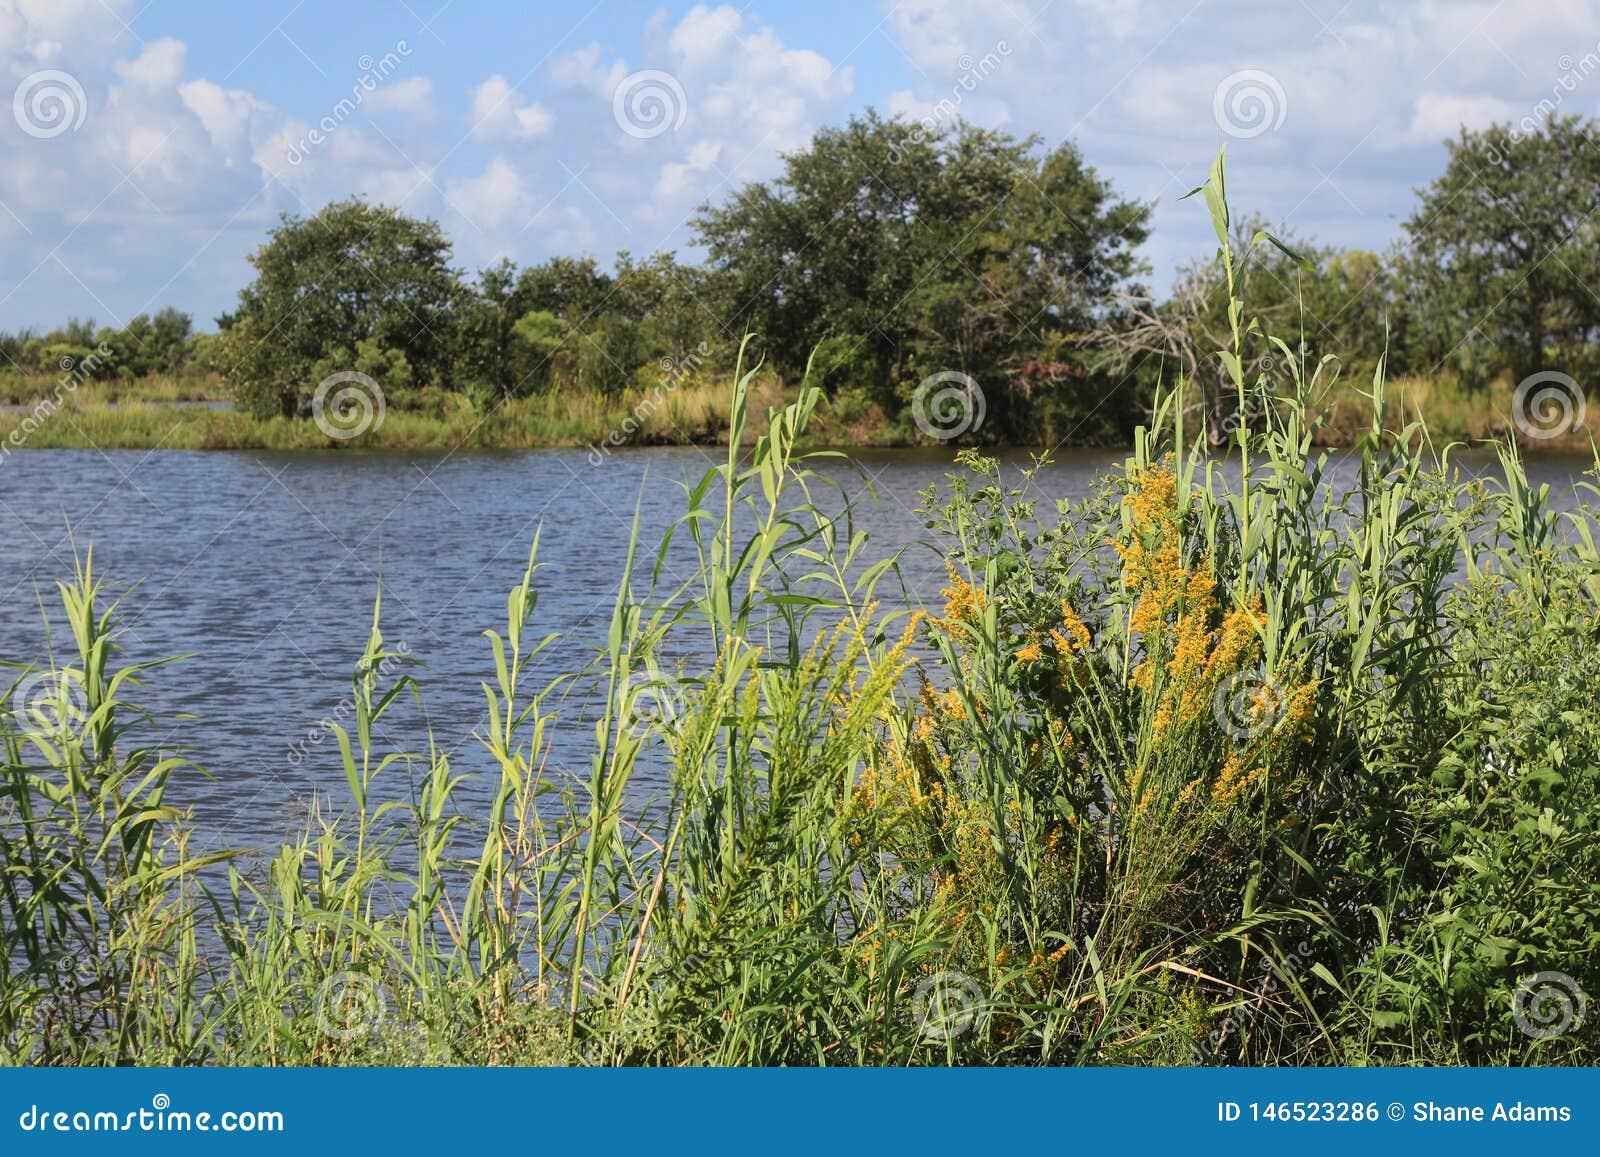 Humedales del pantano de Luisiana